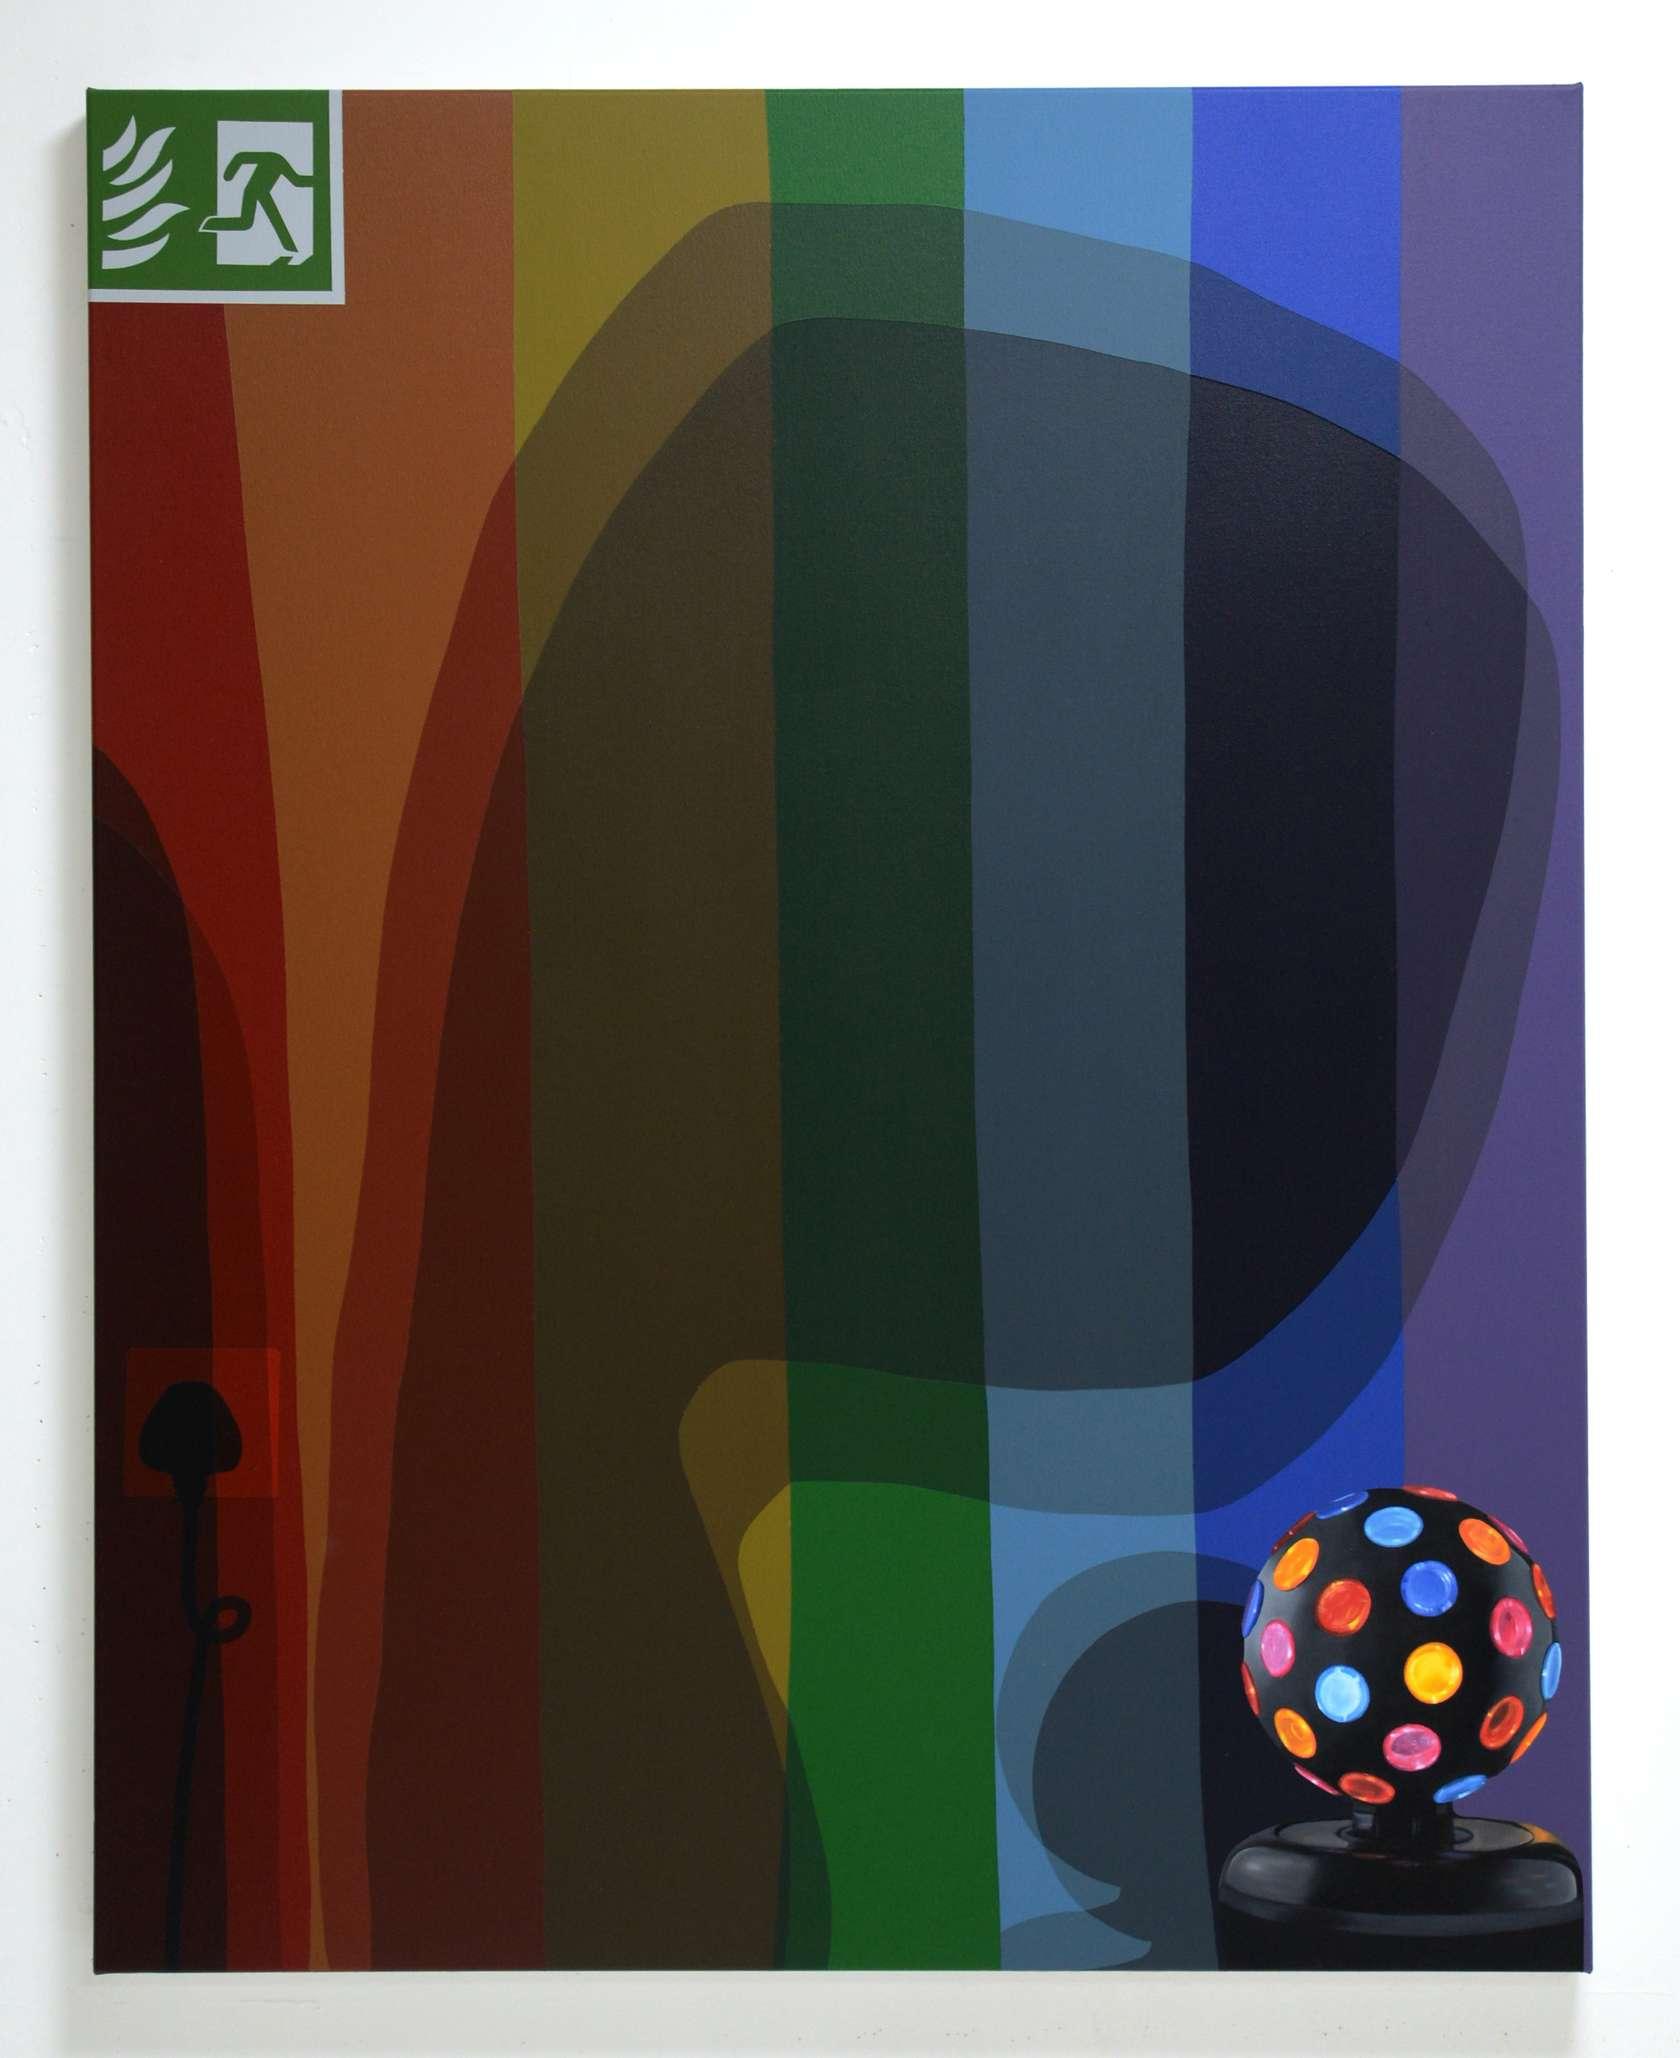 Oli Epp, Invisible, 2018 Huile, acrylique et peinture aérosol sur toile125 × 100 cm / 49 2/8 × 39 3/8 in.